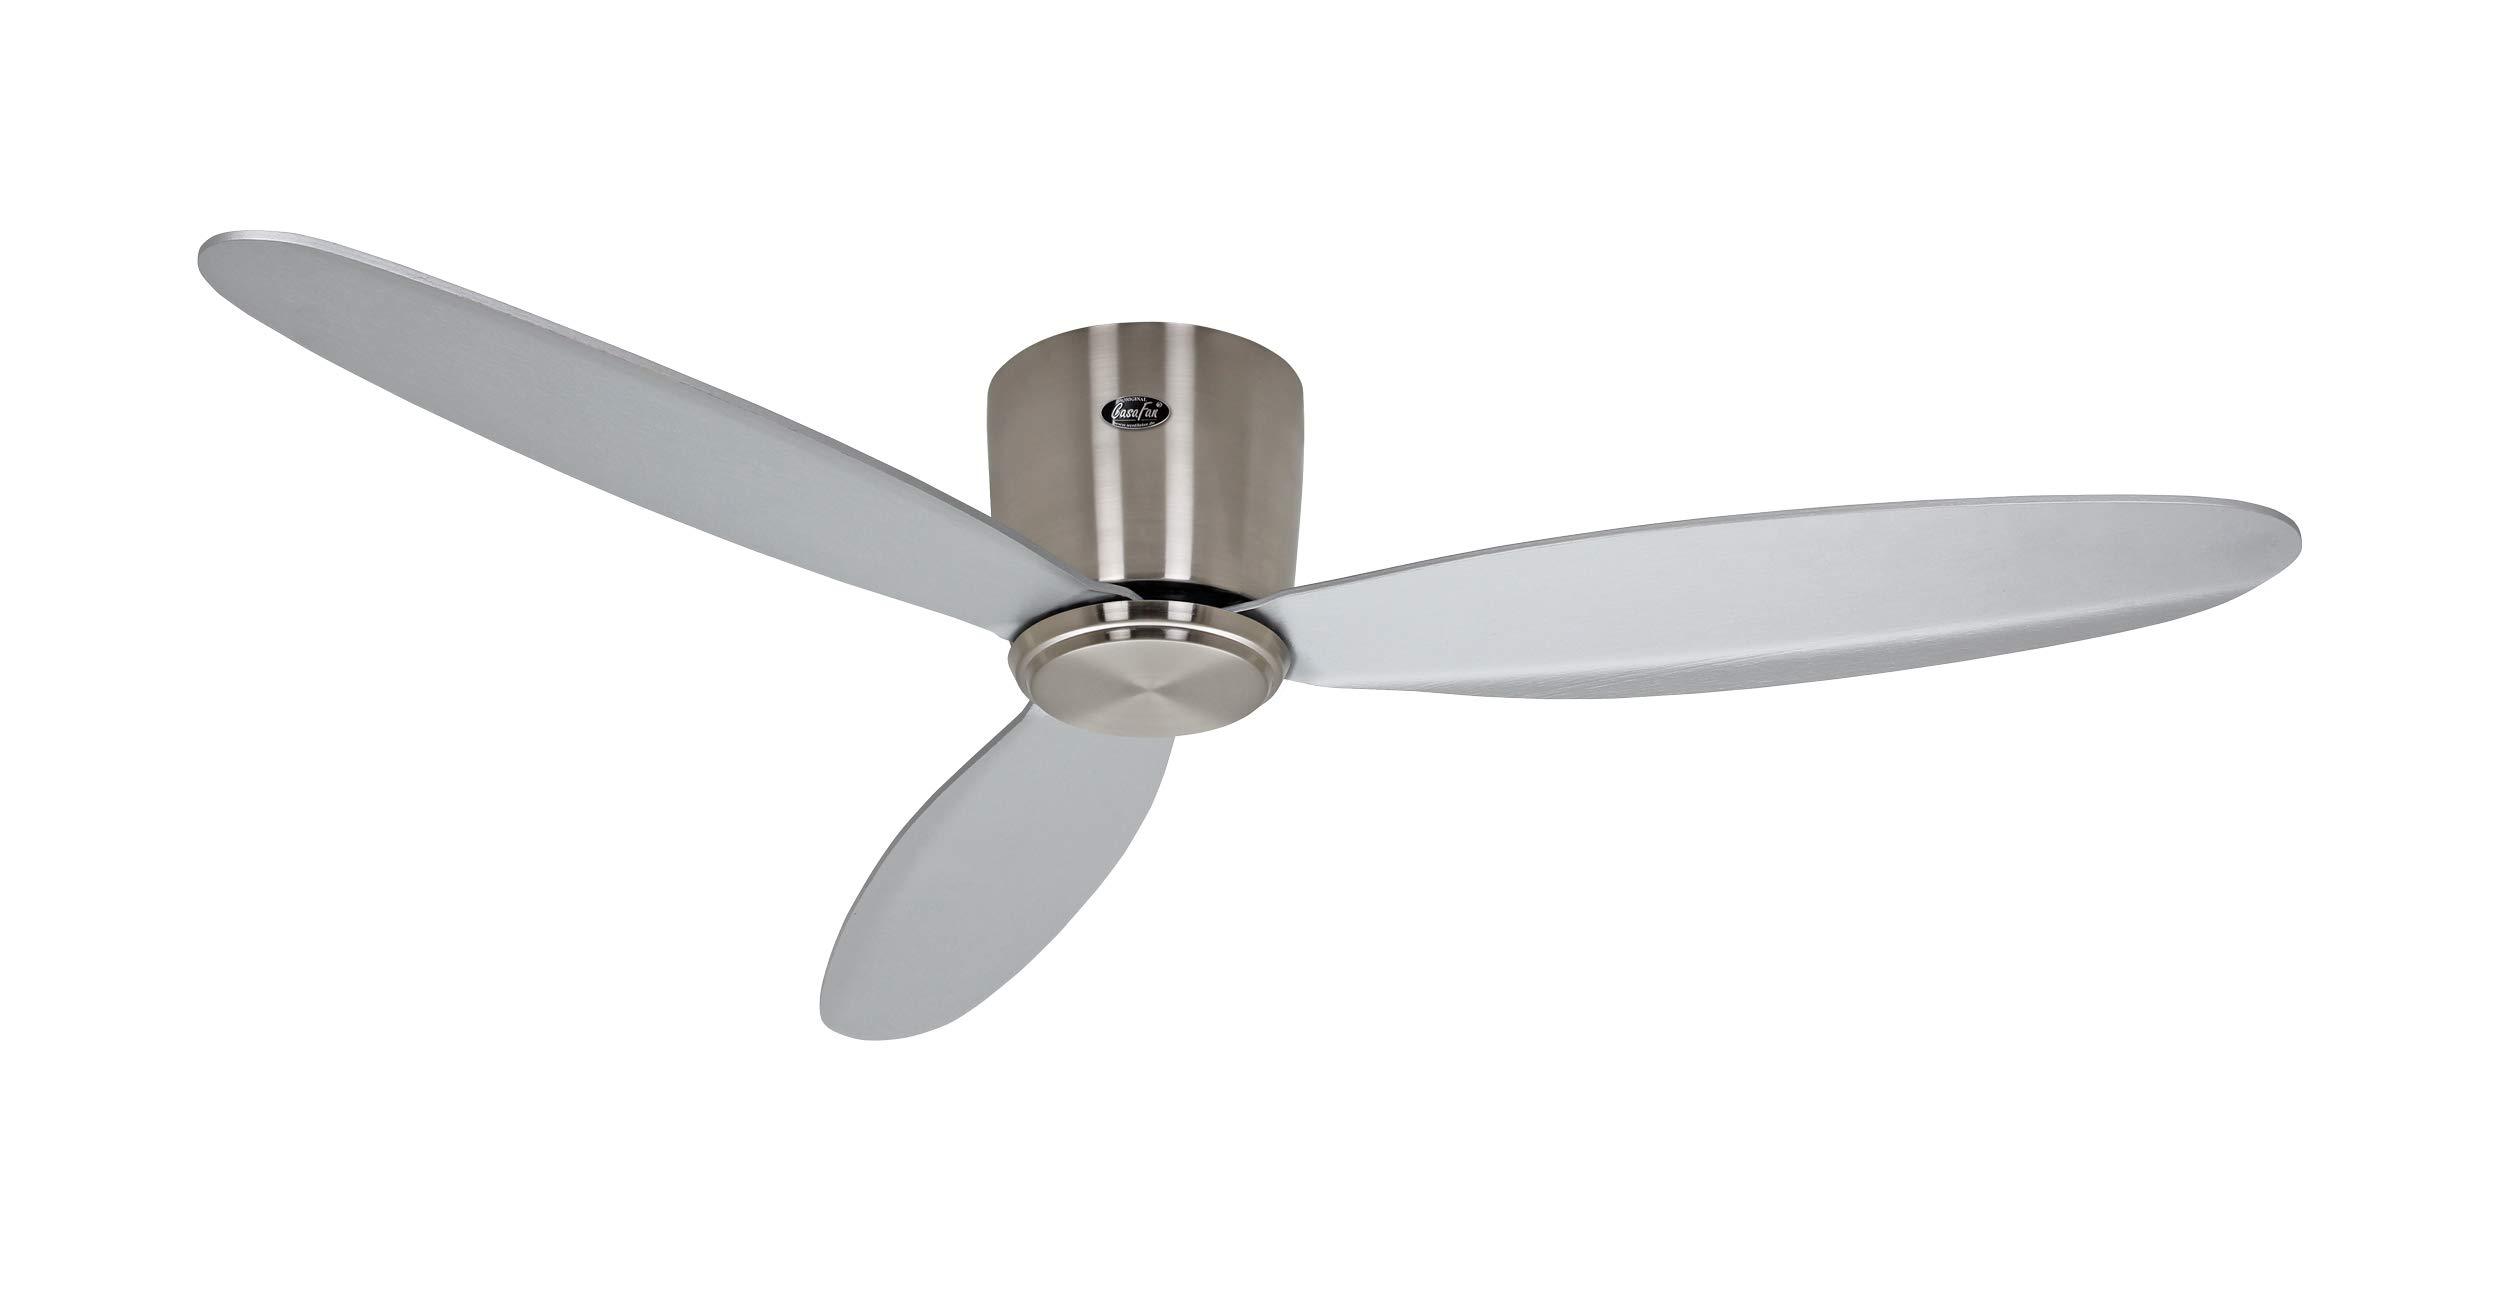 61UQx ym7CL - CasaFan Ceiling fan Eco Plano II 132 BN-SL 313280